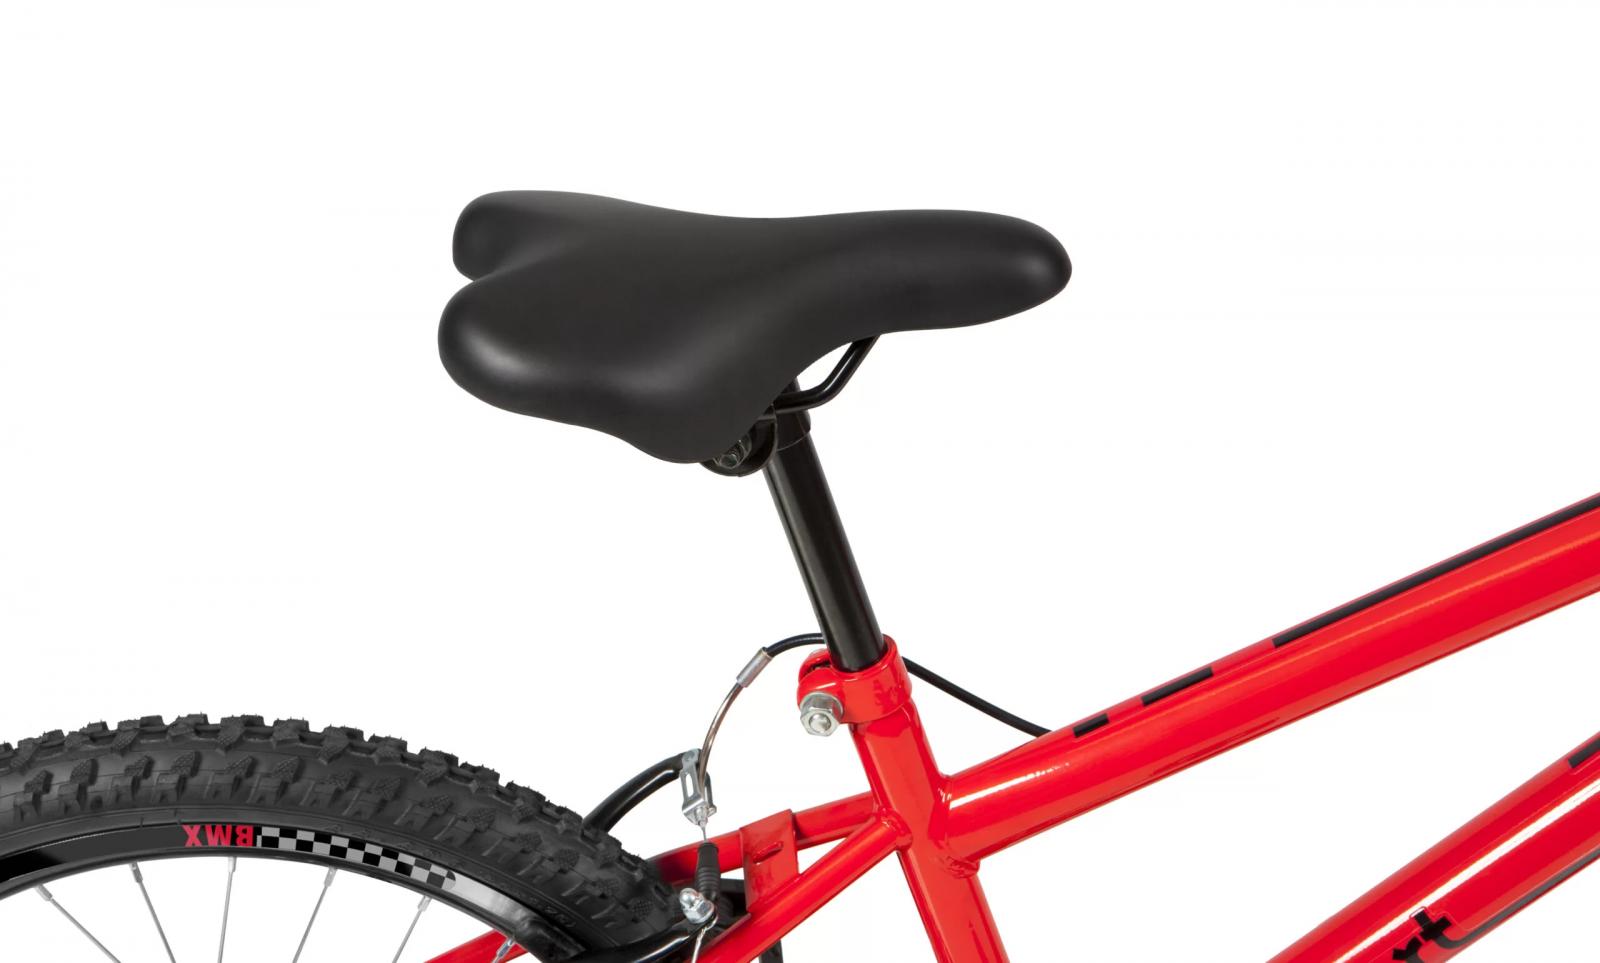 BICICLETAARO 20 CALOI EXPERT FREIO V-BRAKE - VERMELHO - Cicles Jahn